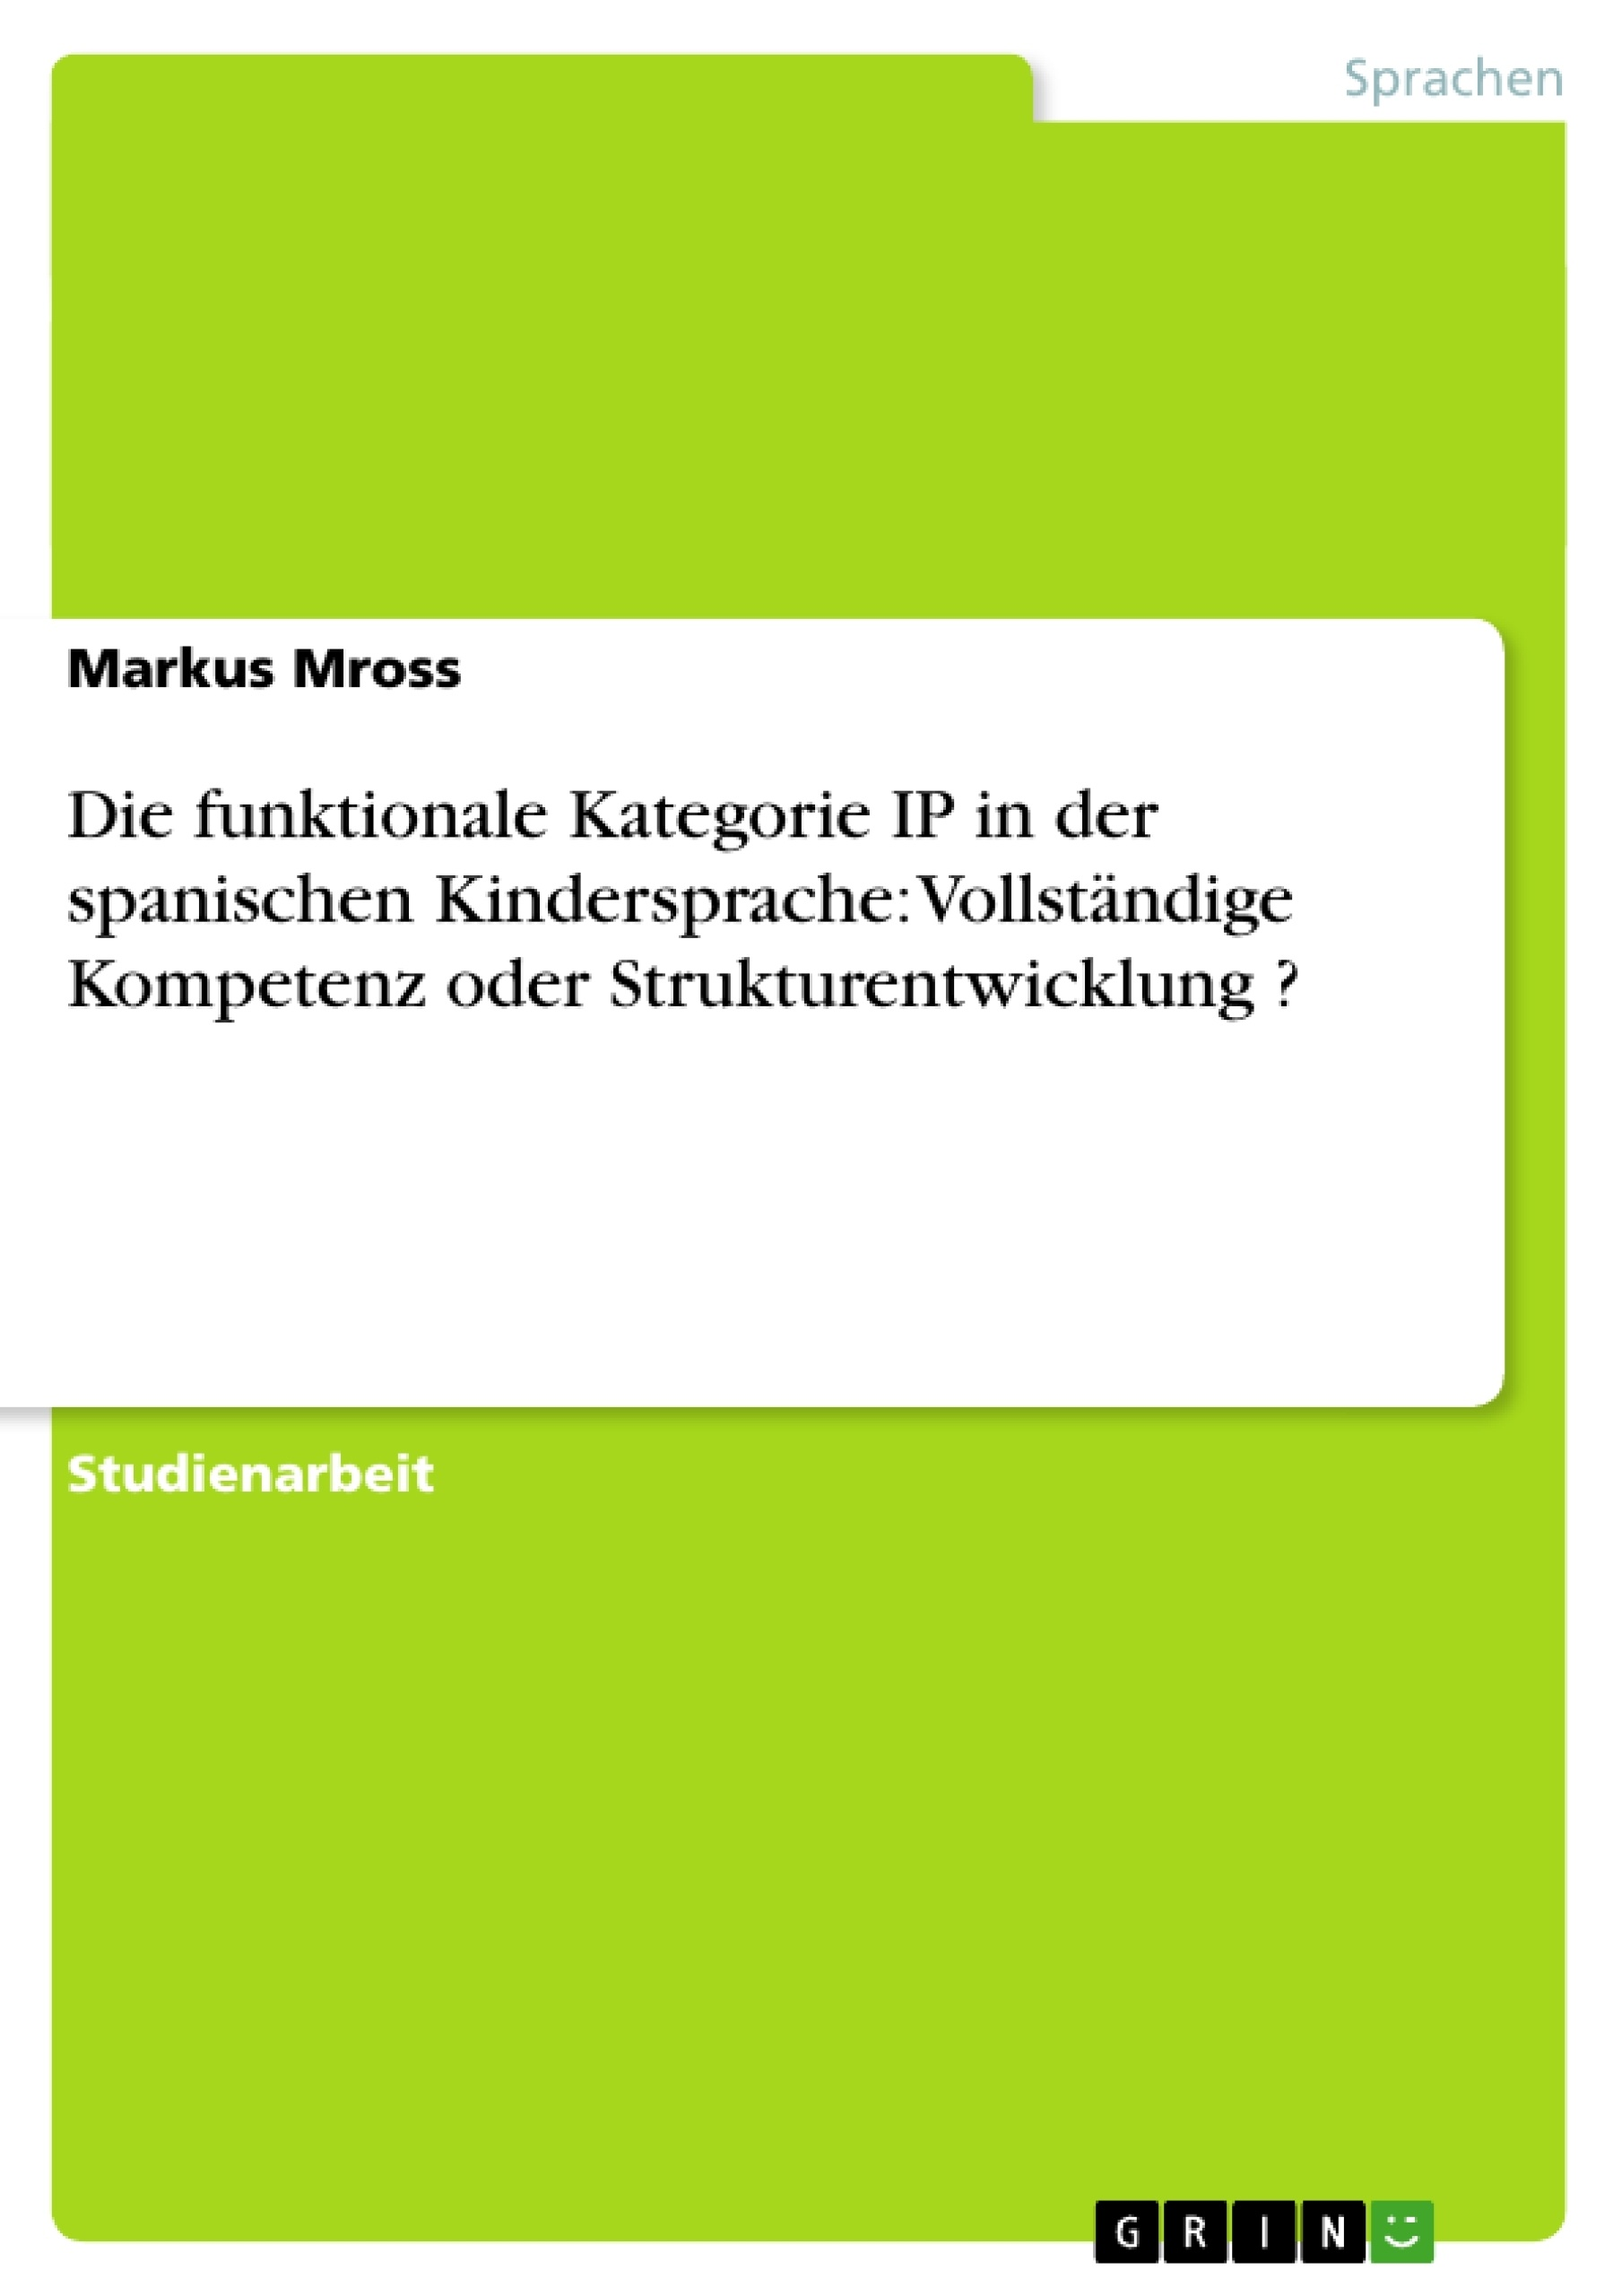 Titel: Die funktionale Kategorie IP in der spanischen Kindersprache: Vollständige Kompetenz oder Strukturentwicklung ?